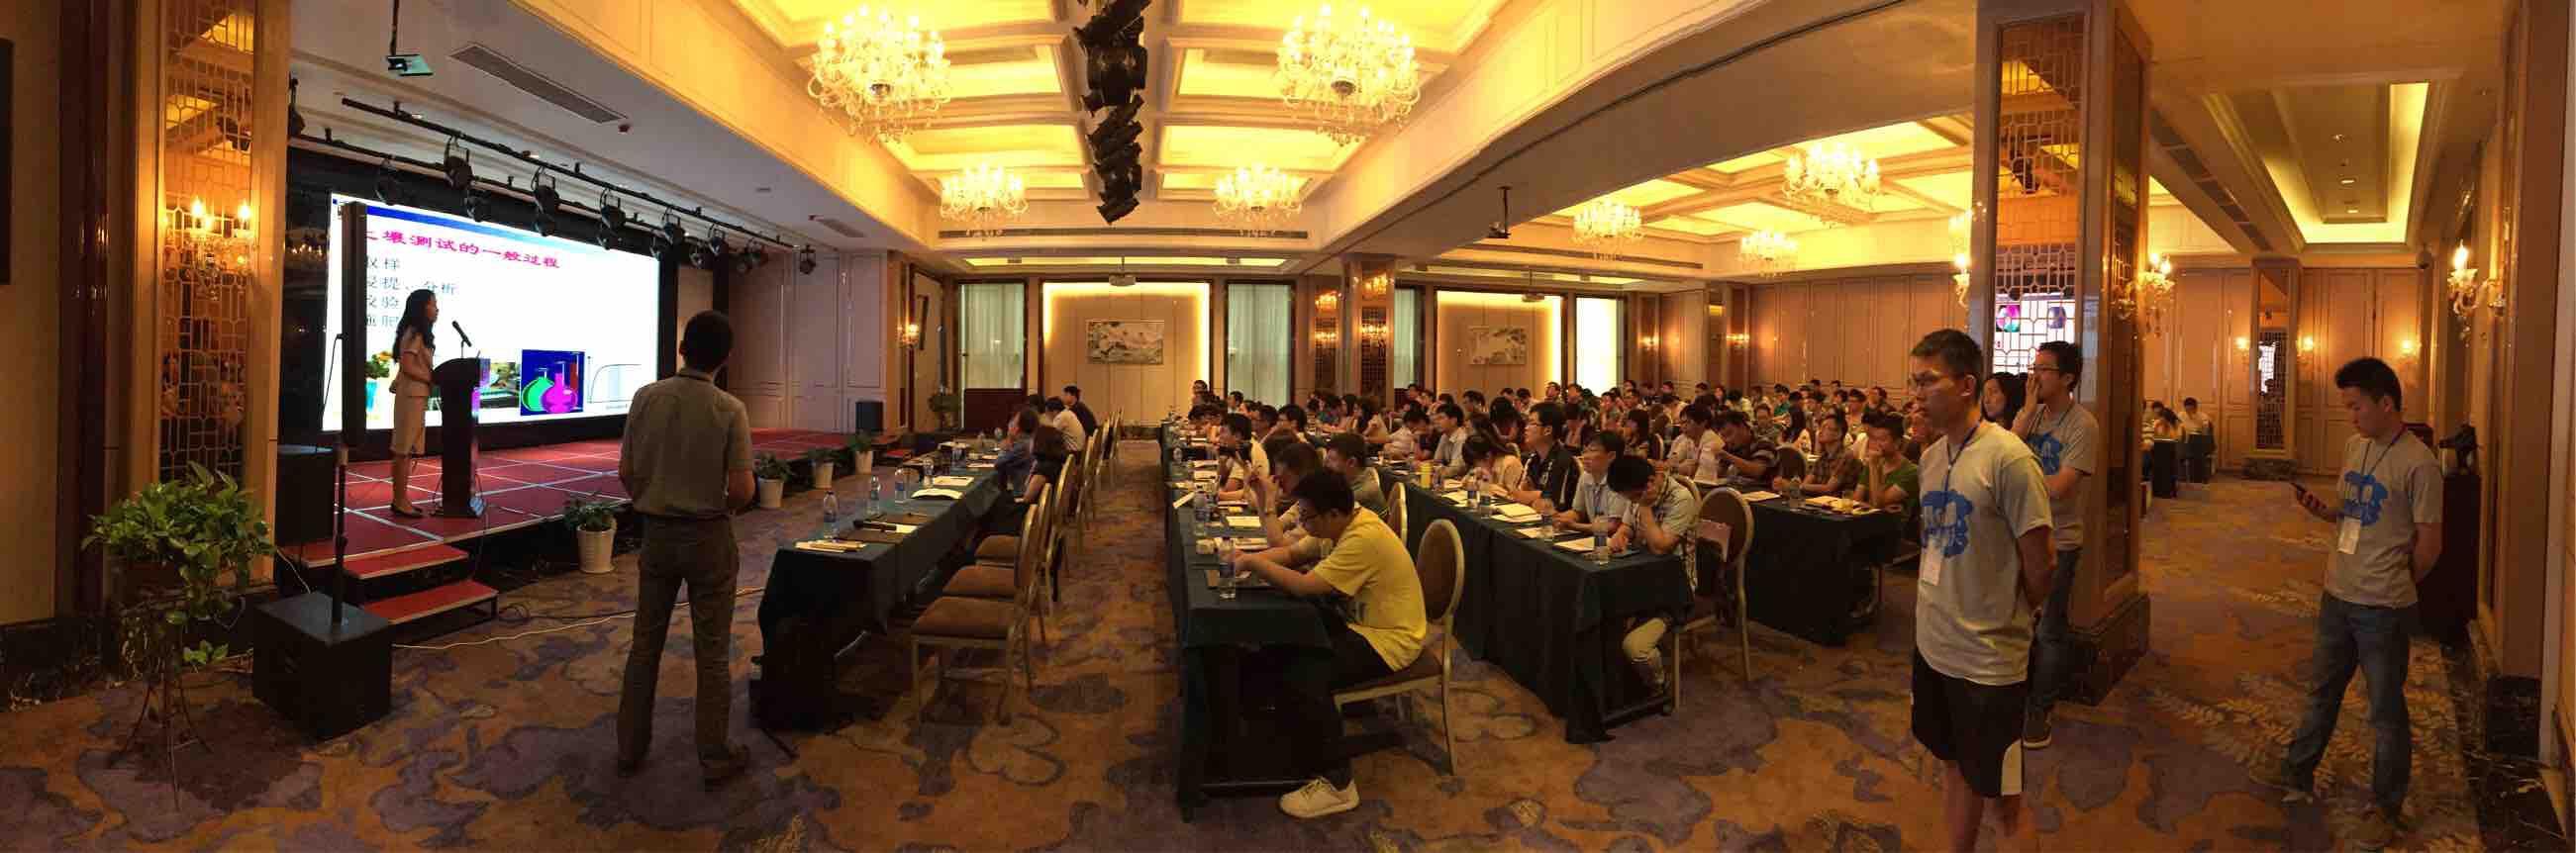 第二届全国DGT与环境研究研讨会顺利闭幕